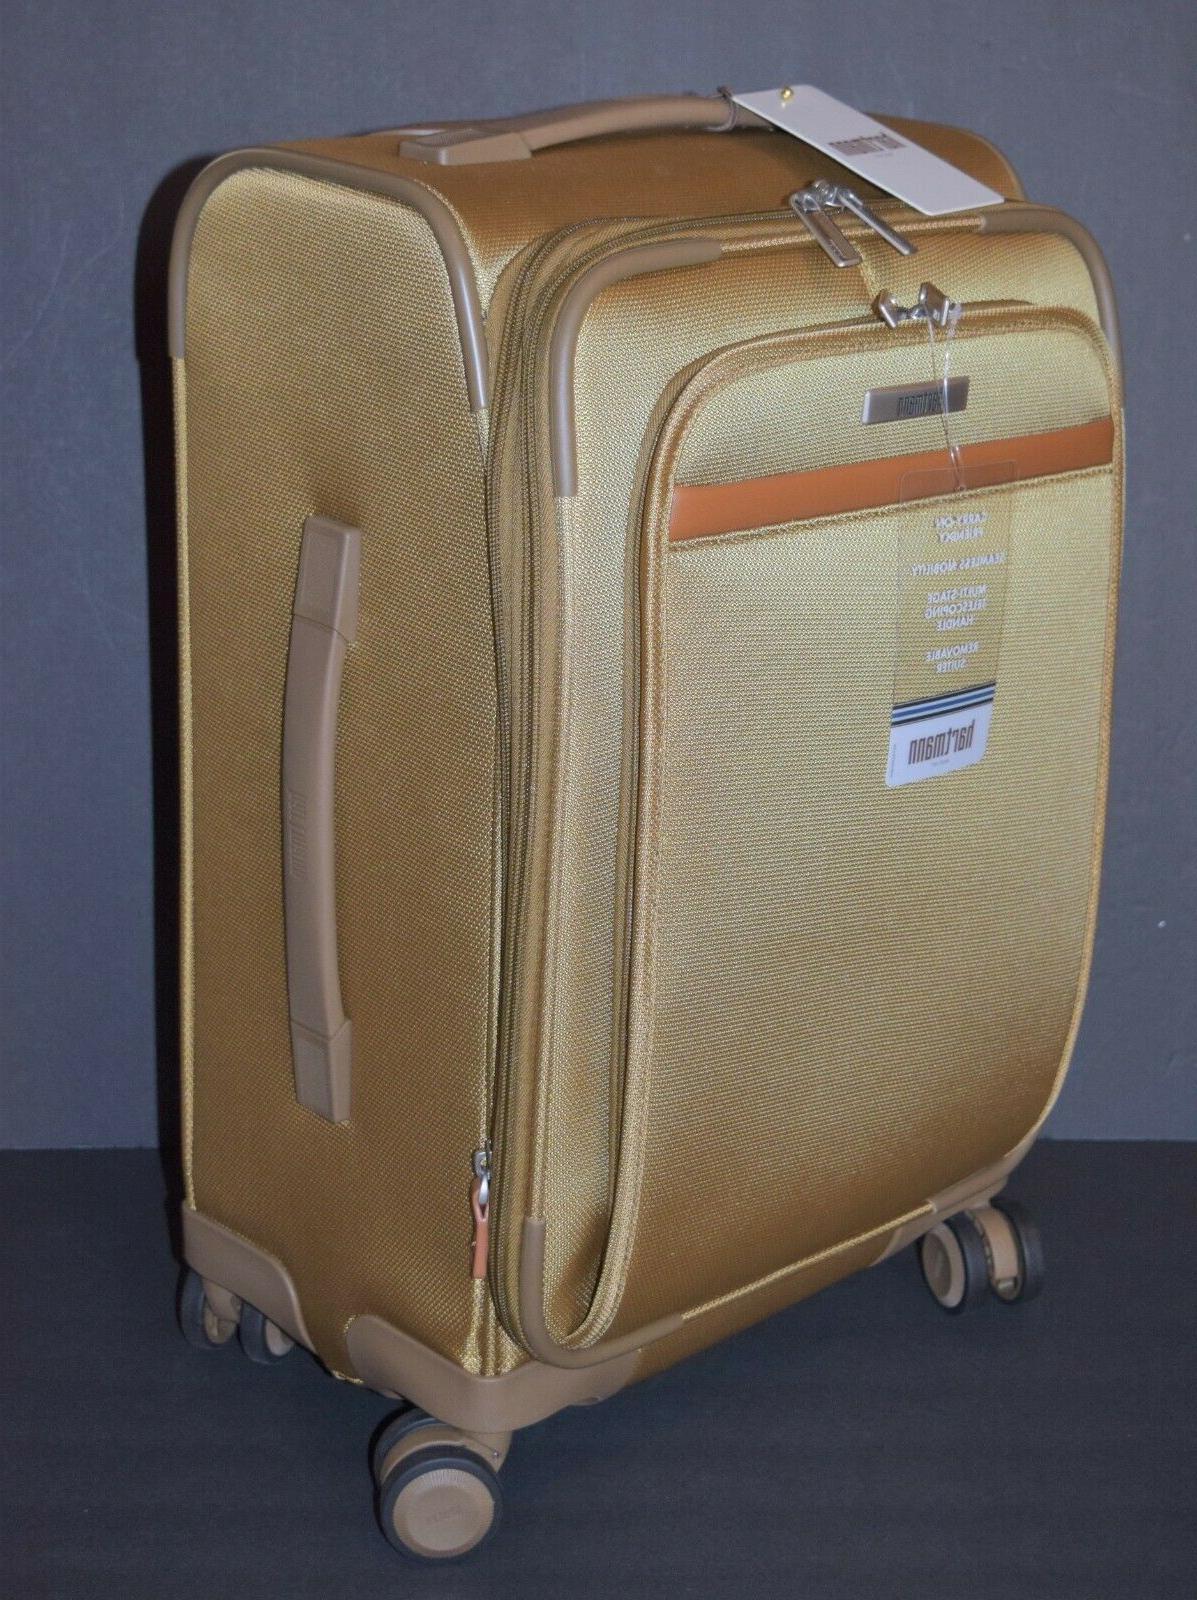 Hartmann Luggage Global Carry-On Safari New